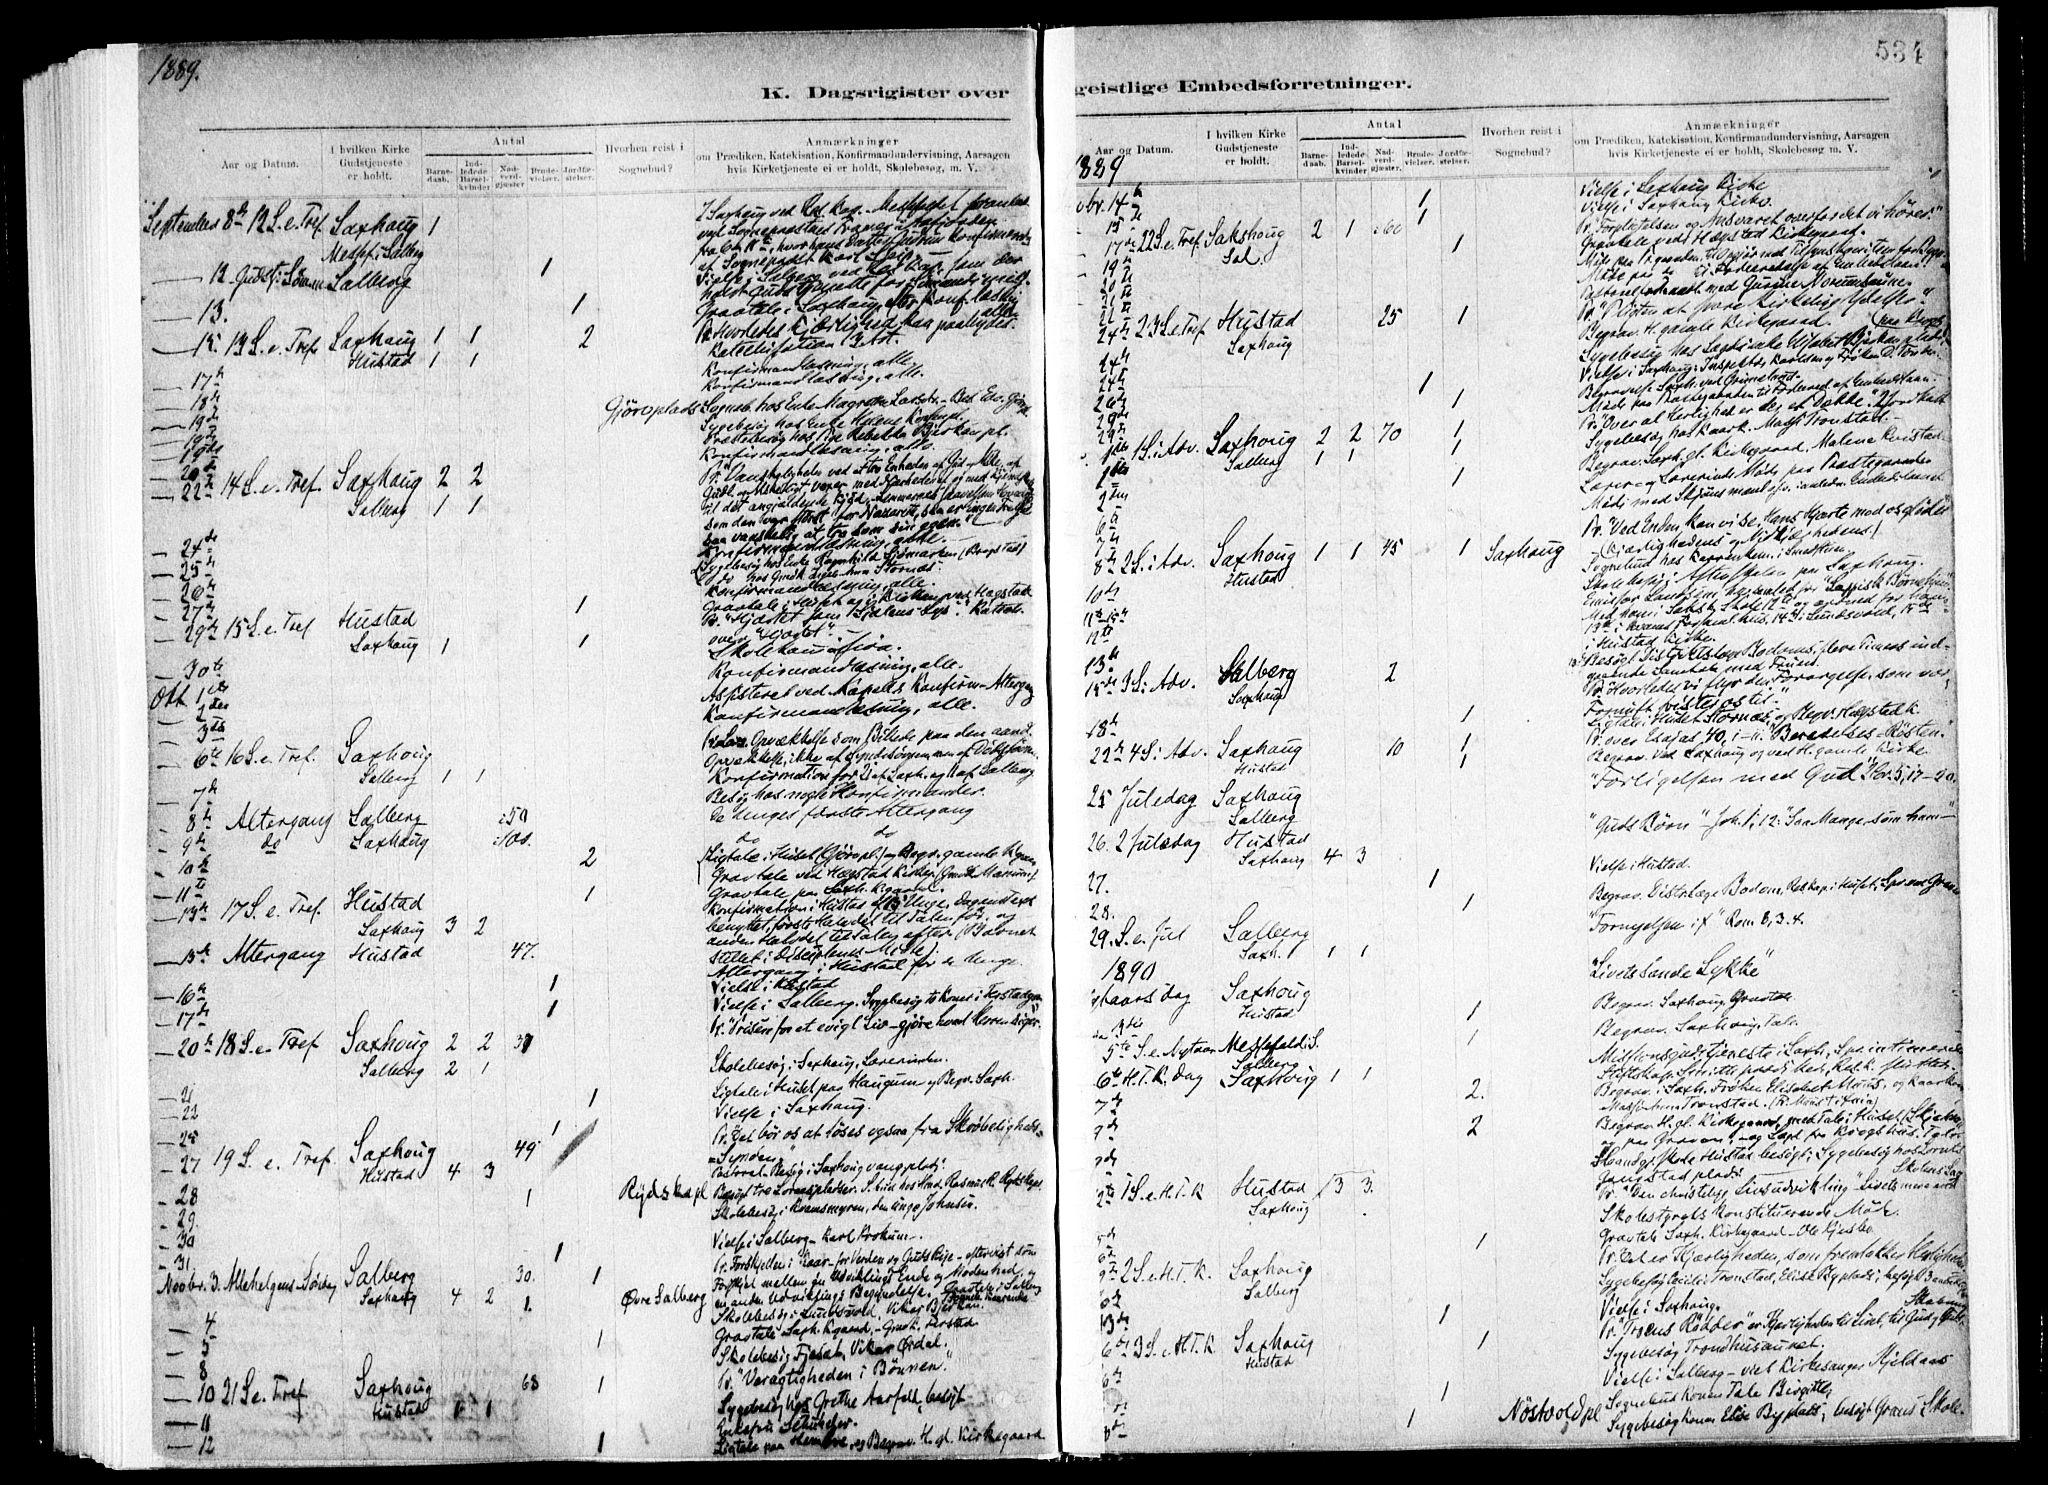 SAT, Ministerialprotokoller, klokkerbøker og fødselsregistre - Nord-Trøndelag, 730/L0285: Ministerialbok nr. 730A10, 1879-1914, s. 534